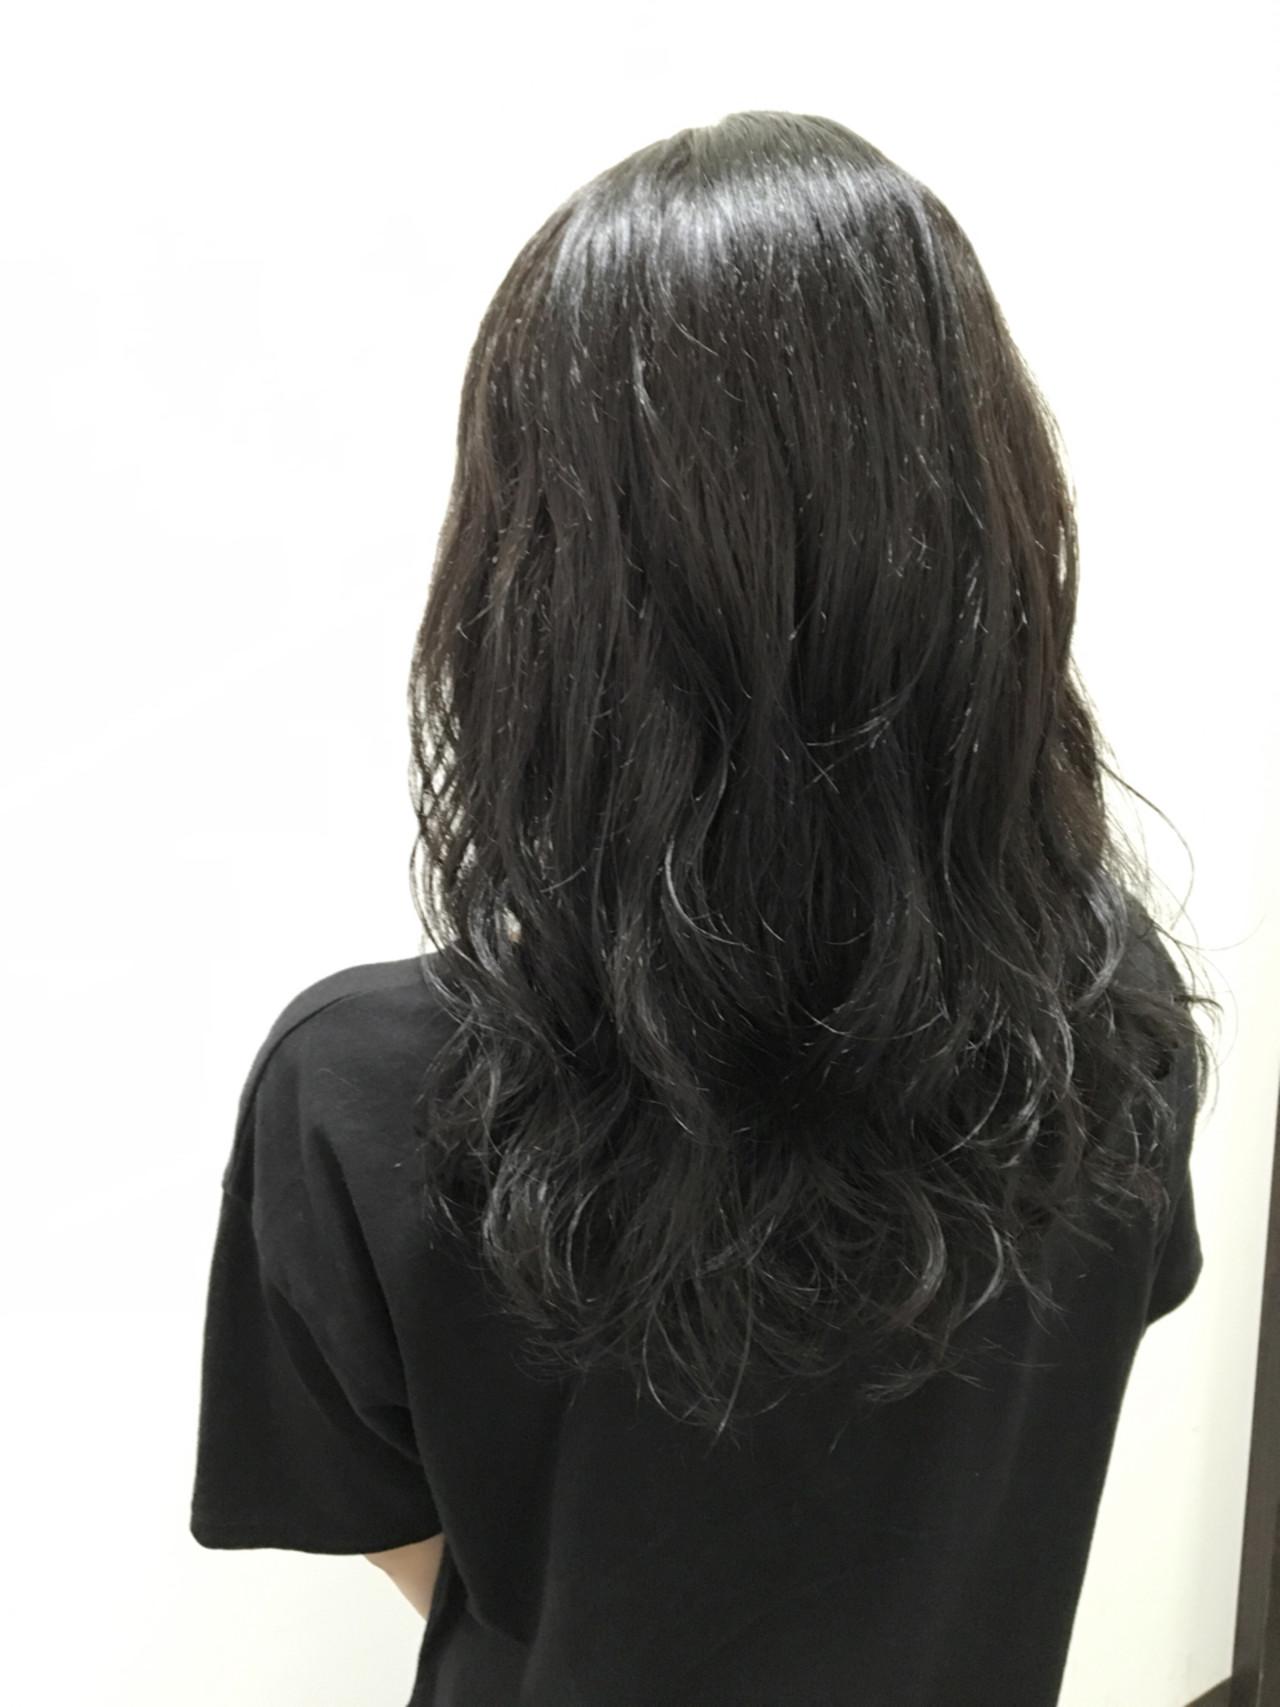 モード セミロング アッシュブラック 暗髪 ヘアスタイルや髪型の写真・画像 | 友木 清貴 / SUPERBE